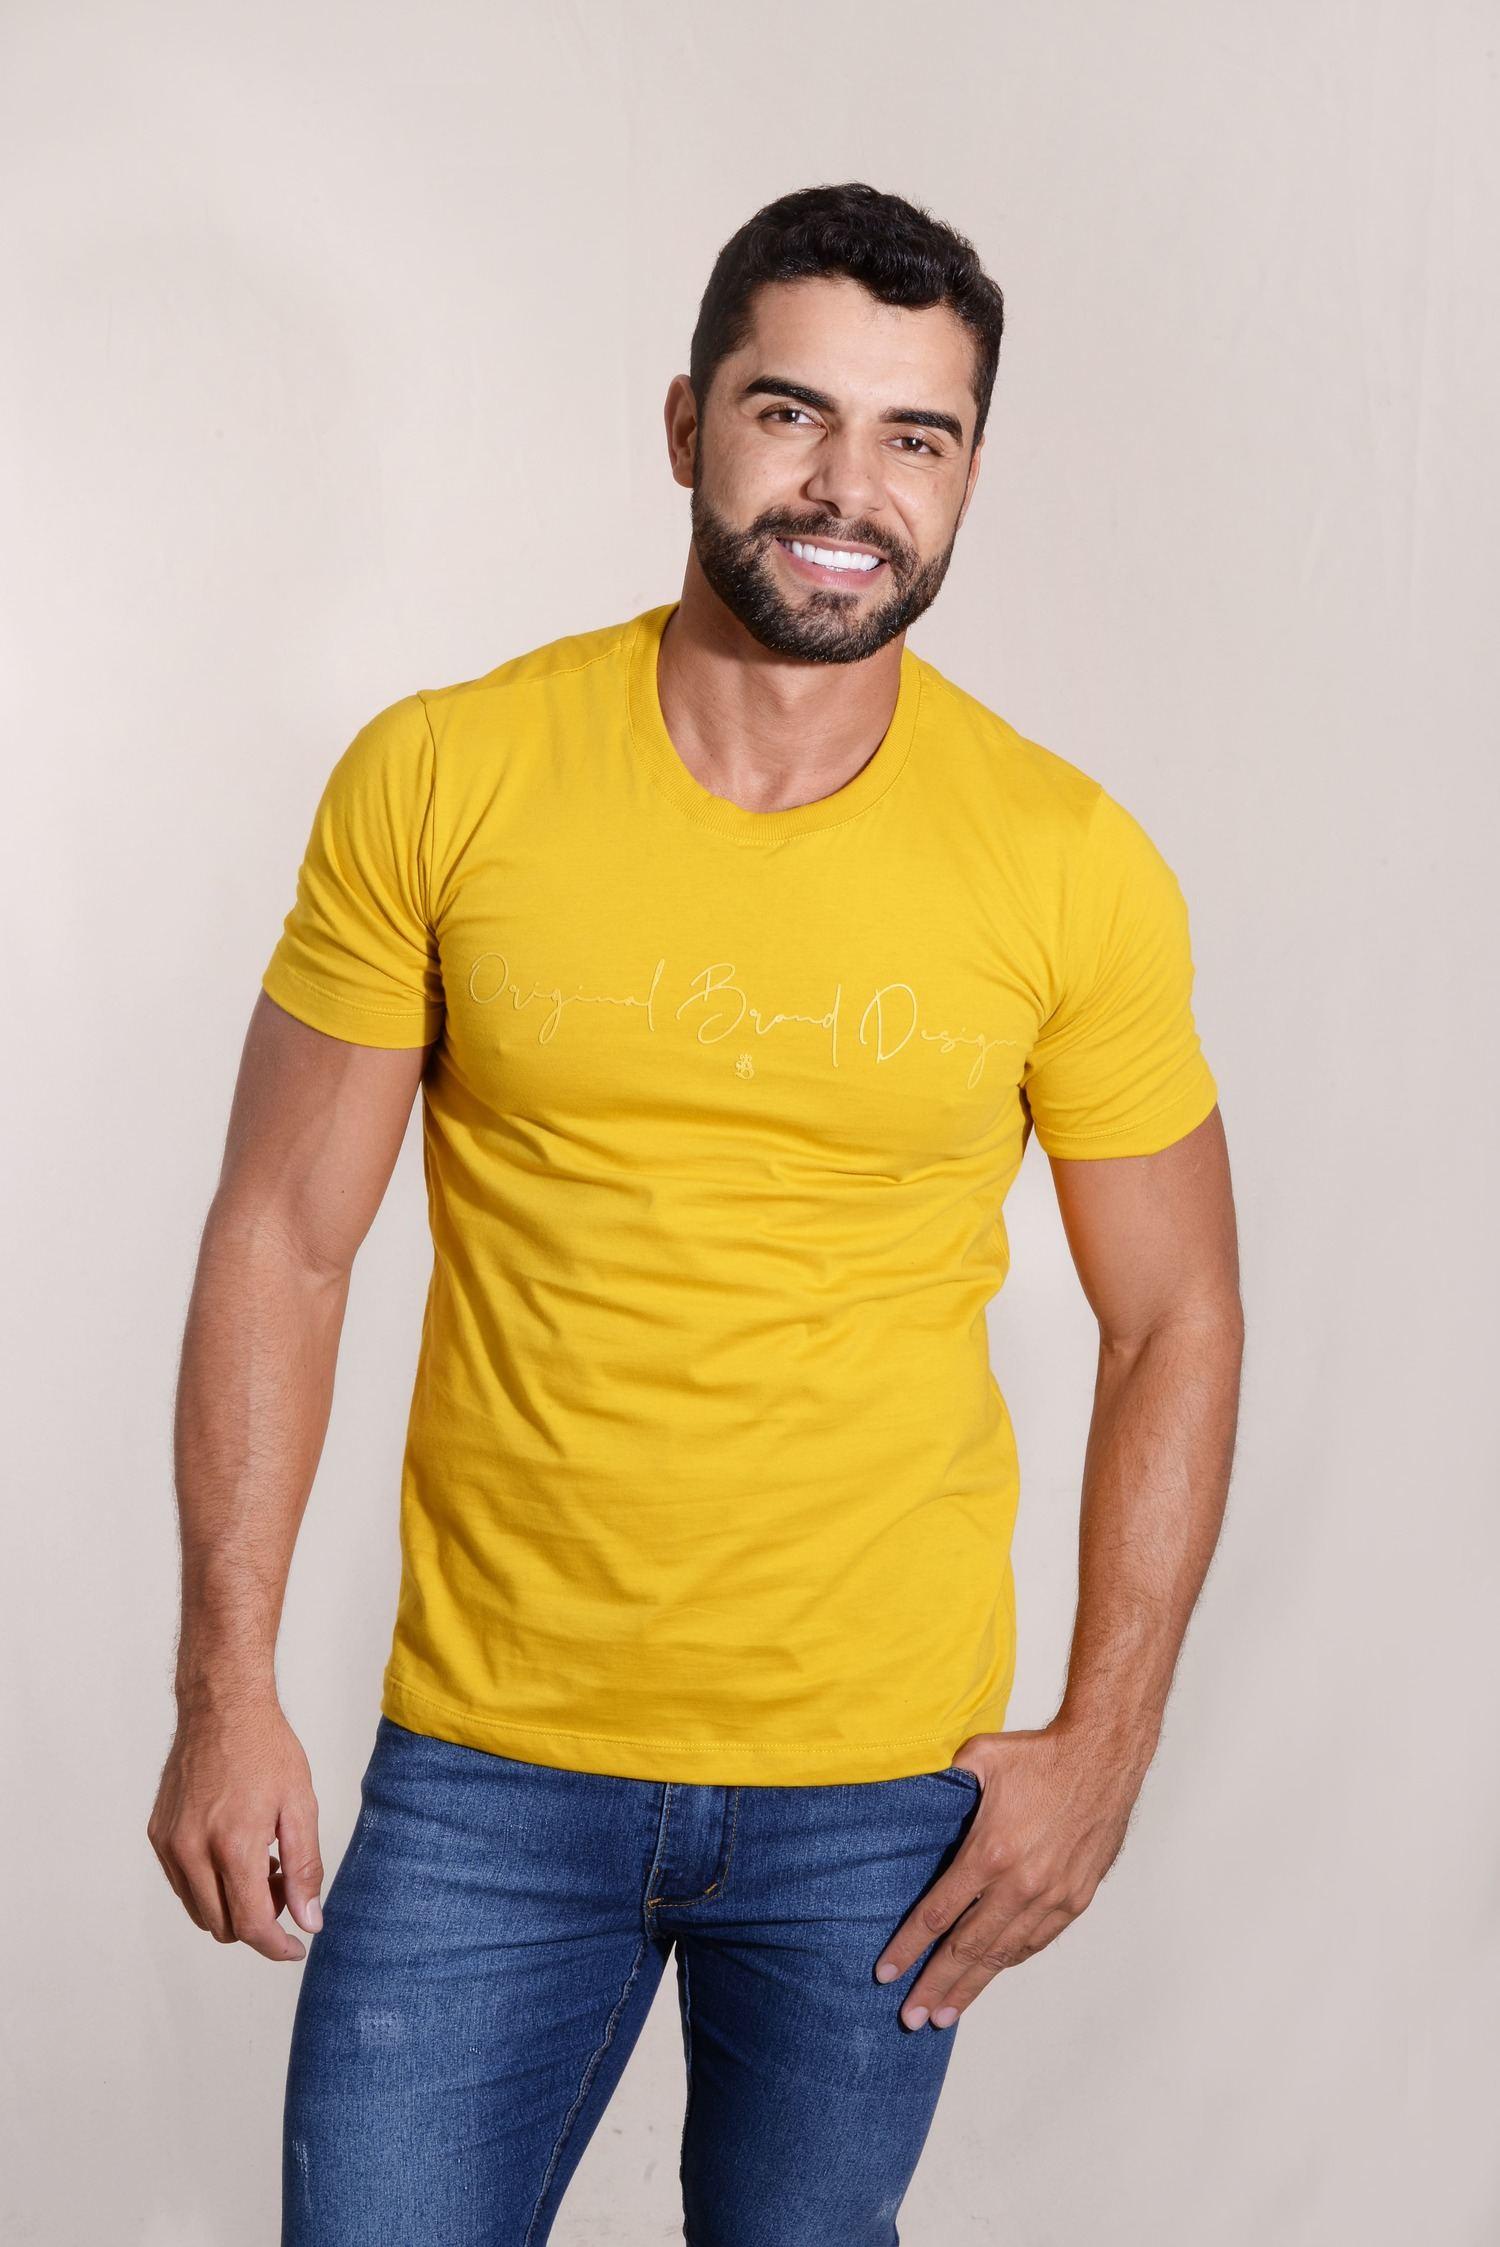 Camiseta Original Brand Design Malha 100% Algodão Silk Emborrachado Burguês